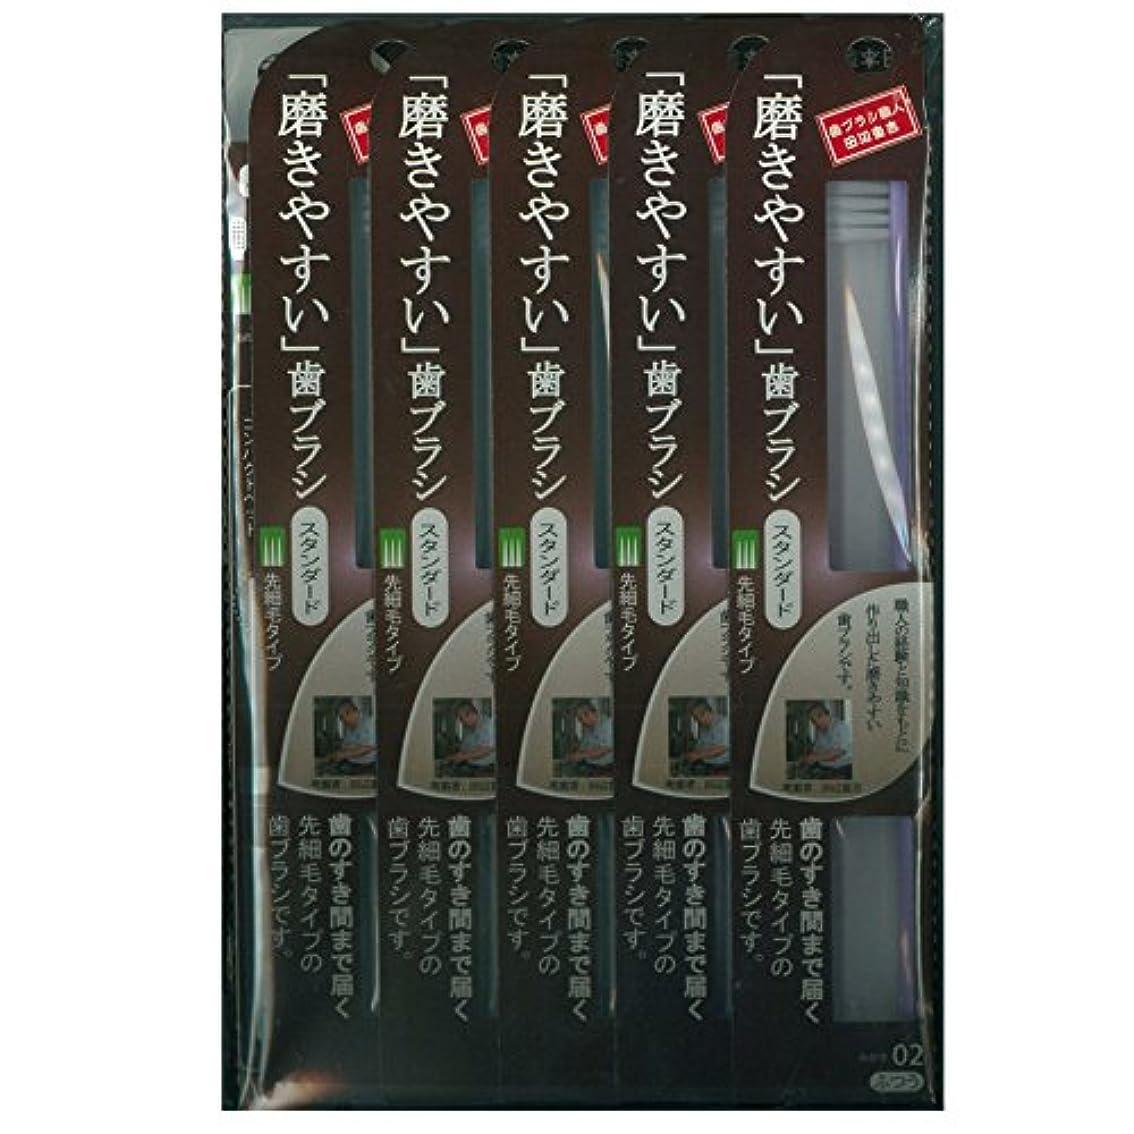 変成器シャーク麻酔薬磨きやすい歯ブラシ先細 LT-02×12本セット( ピンク×4本、ブルー×4本、グリーン×2本、パープル×2本)